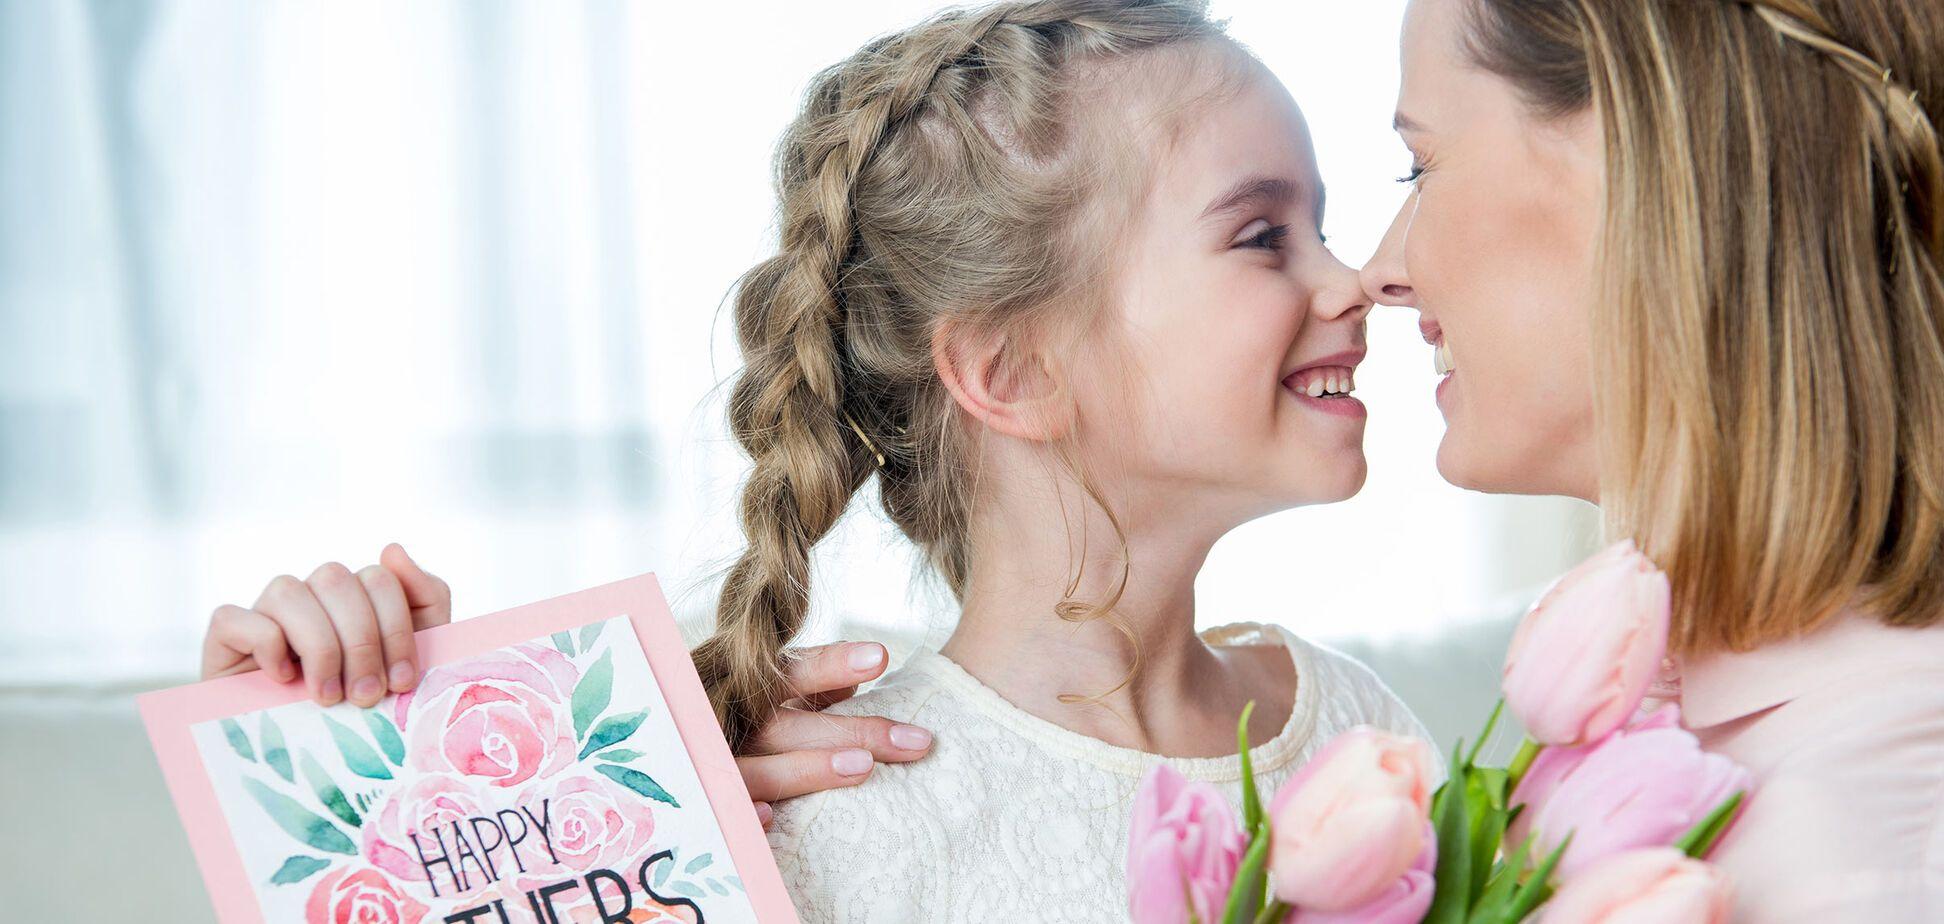 Как поздравить с Днем матери: топ-5 идей оригинальных подарков